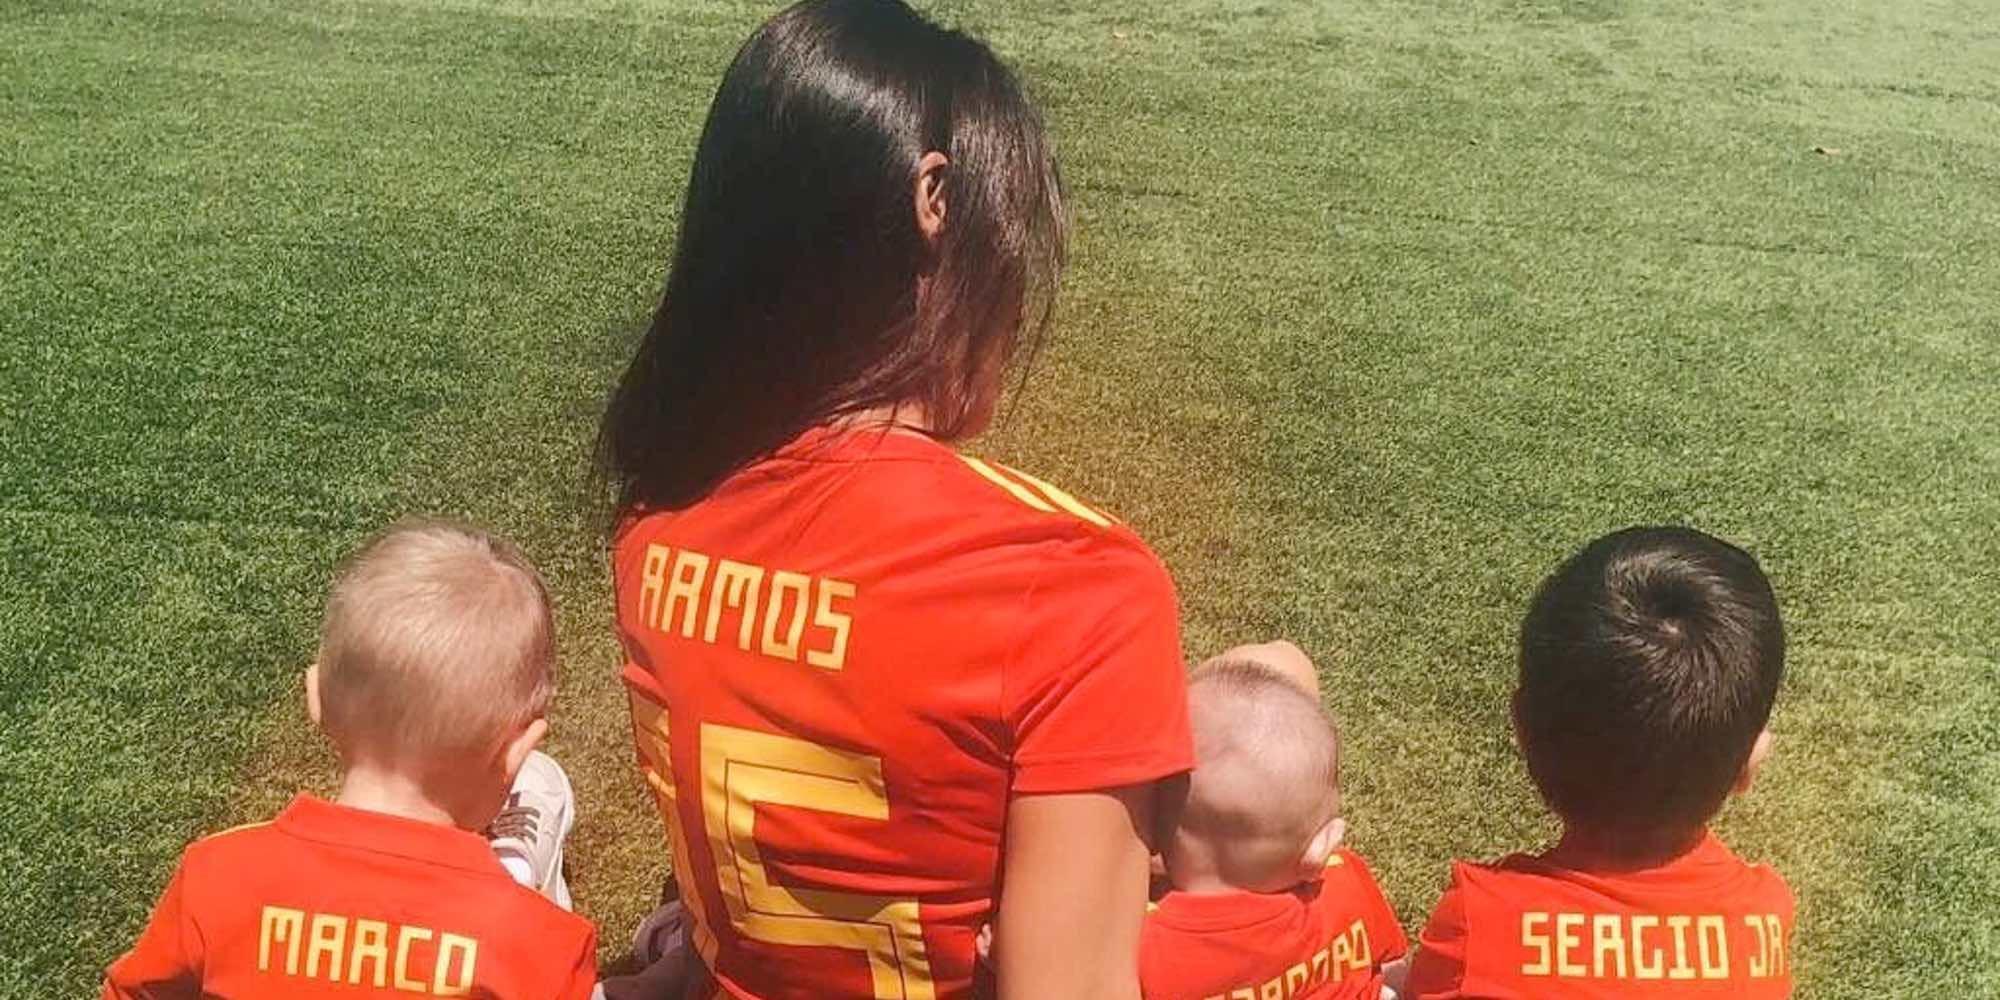 El divertido día en la granja escuela de Pilar Rubio con sus hijos Sergio y Marco Ramos